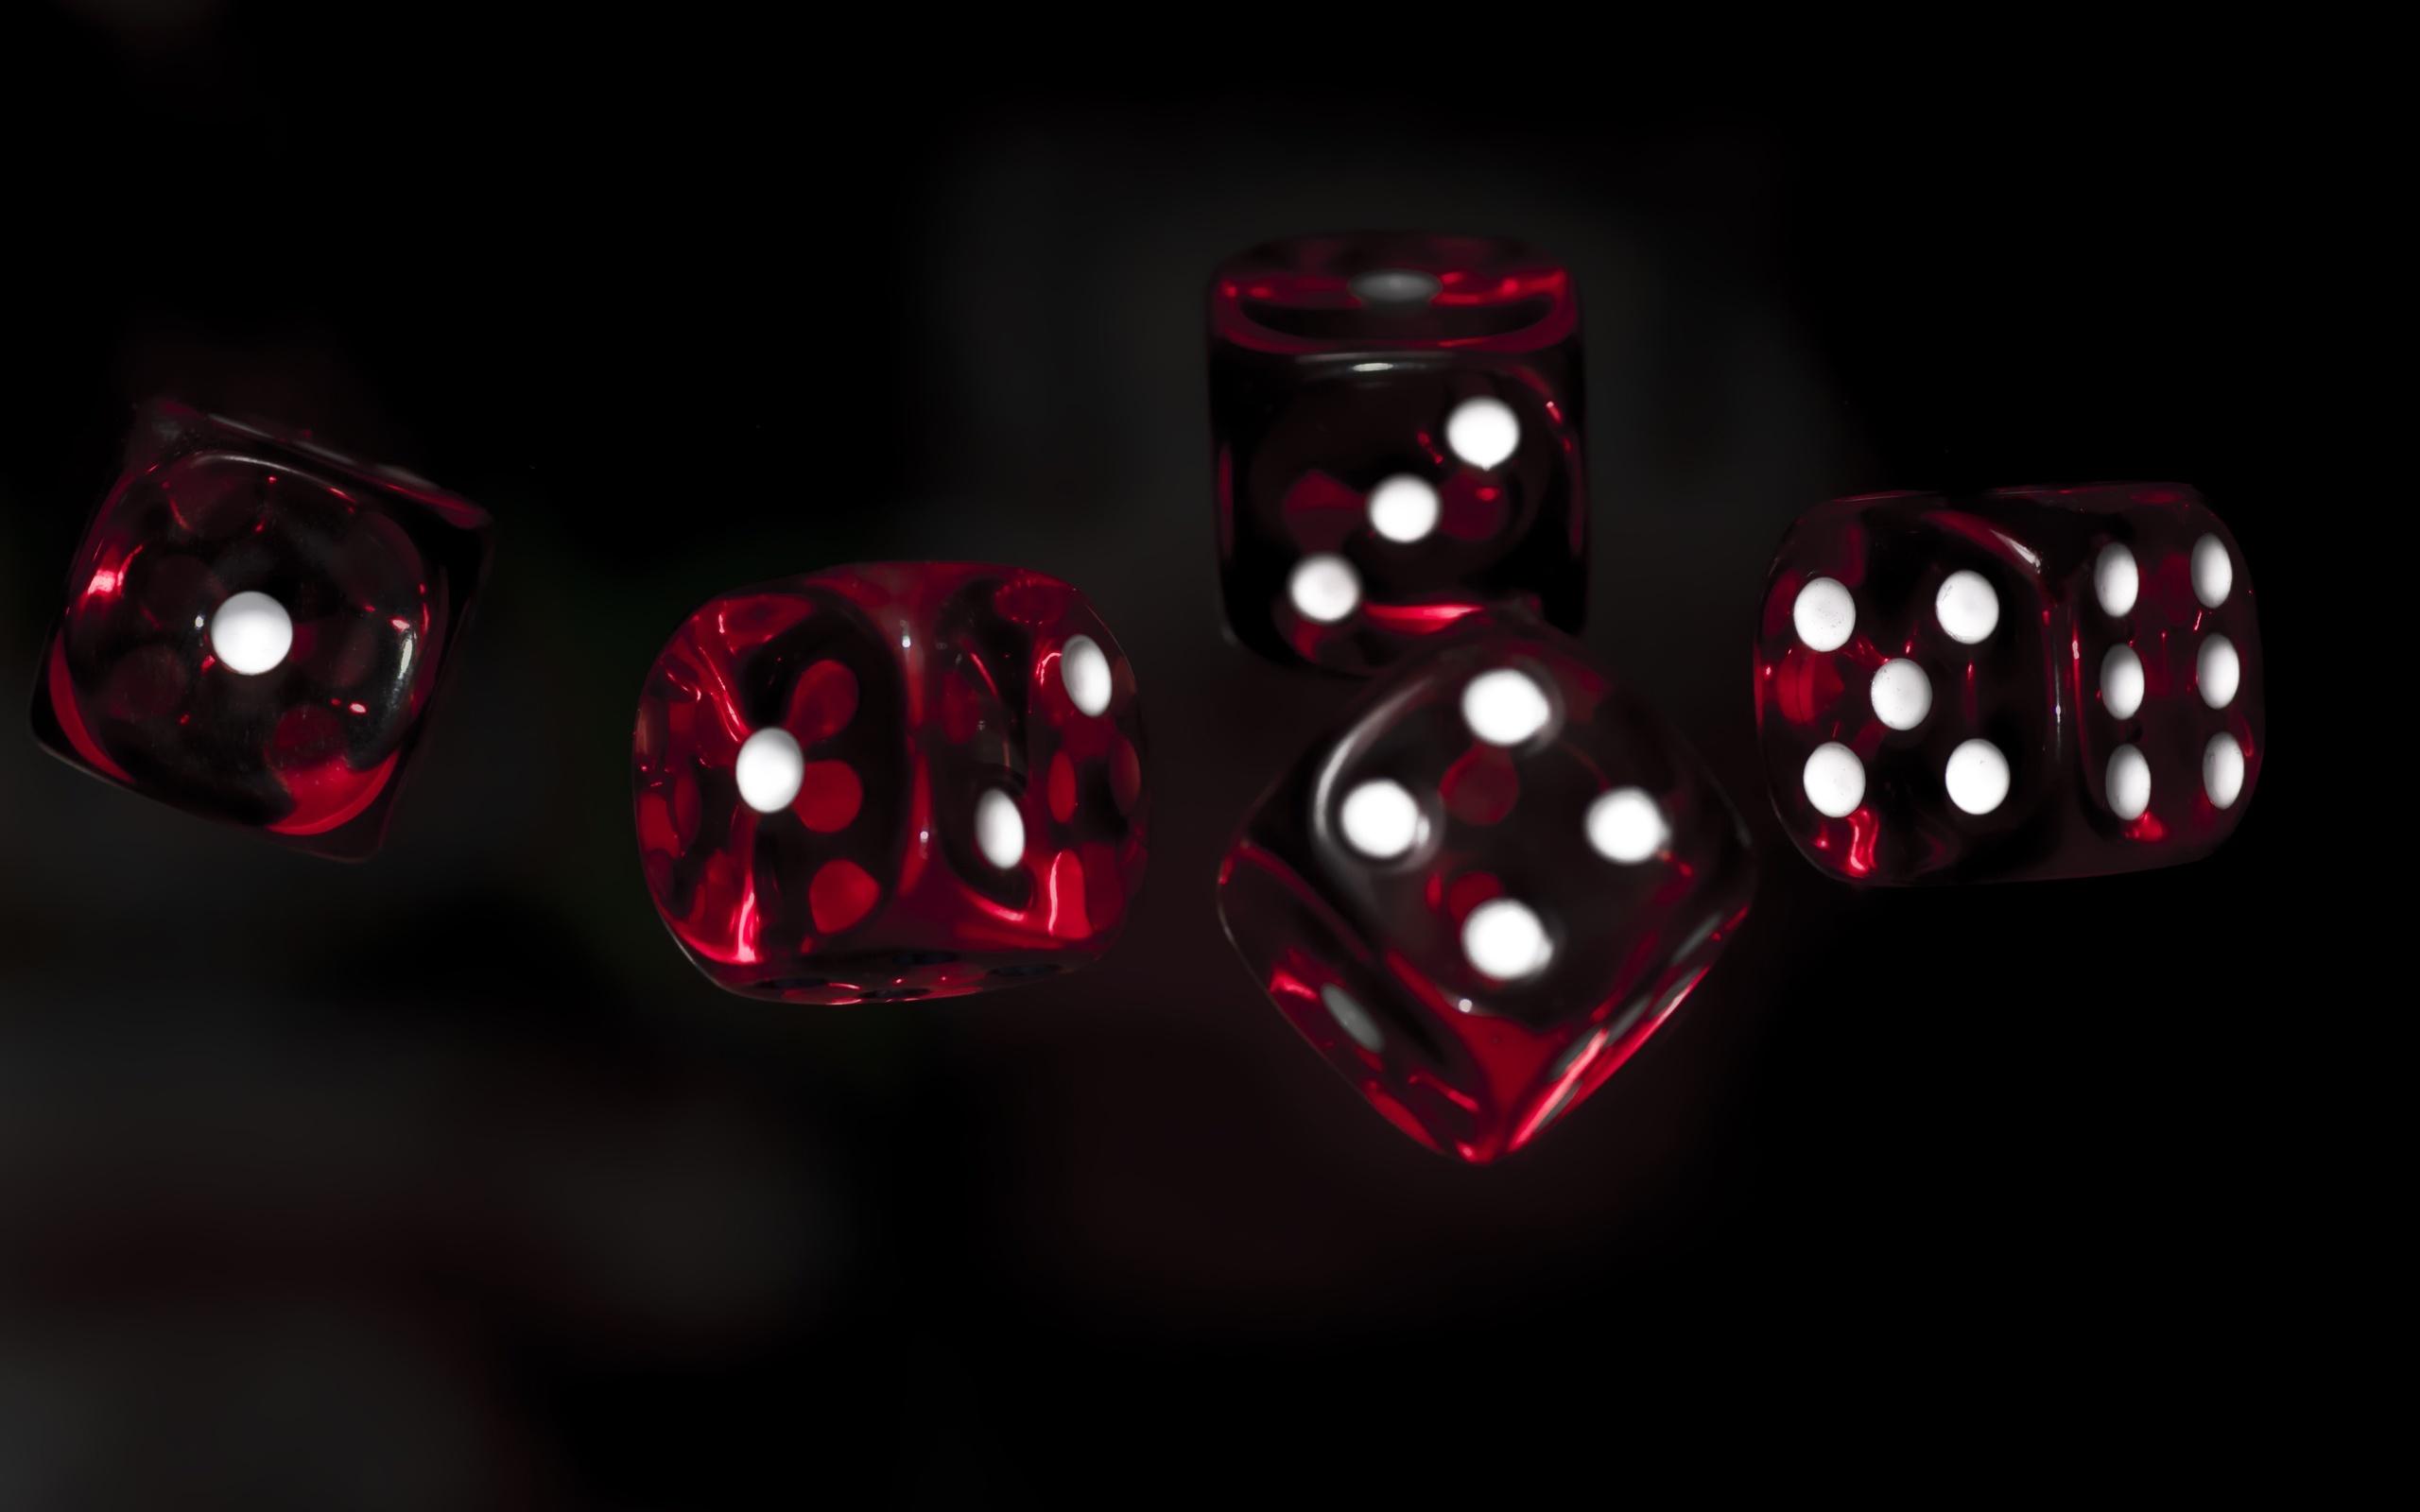 dice wallpapers - wallpapersafari